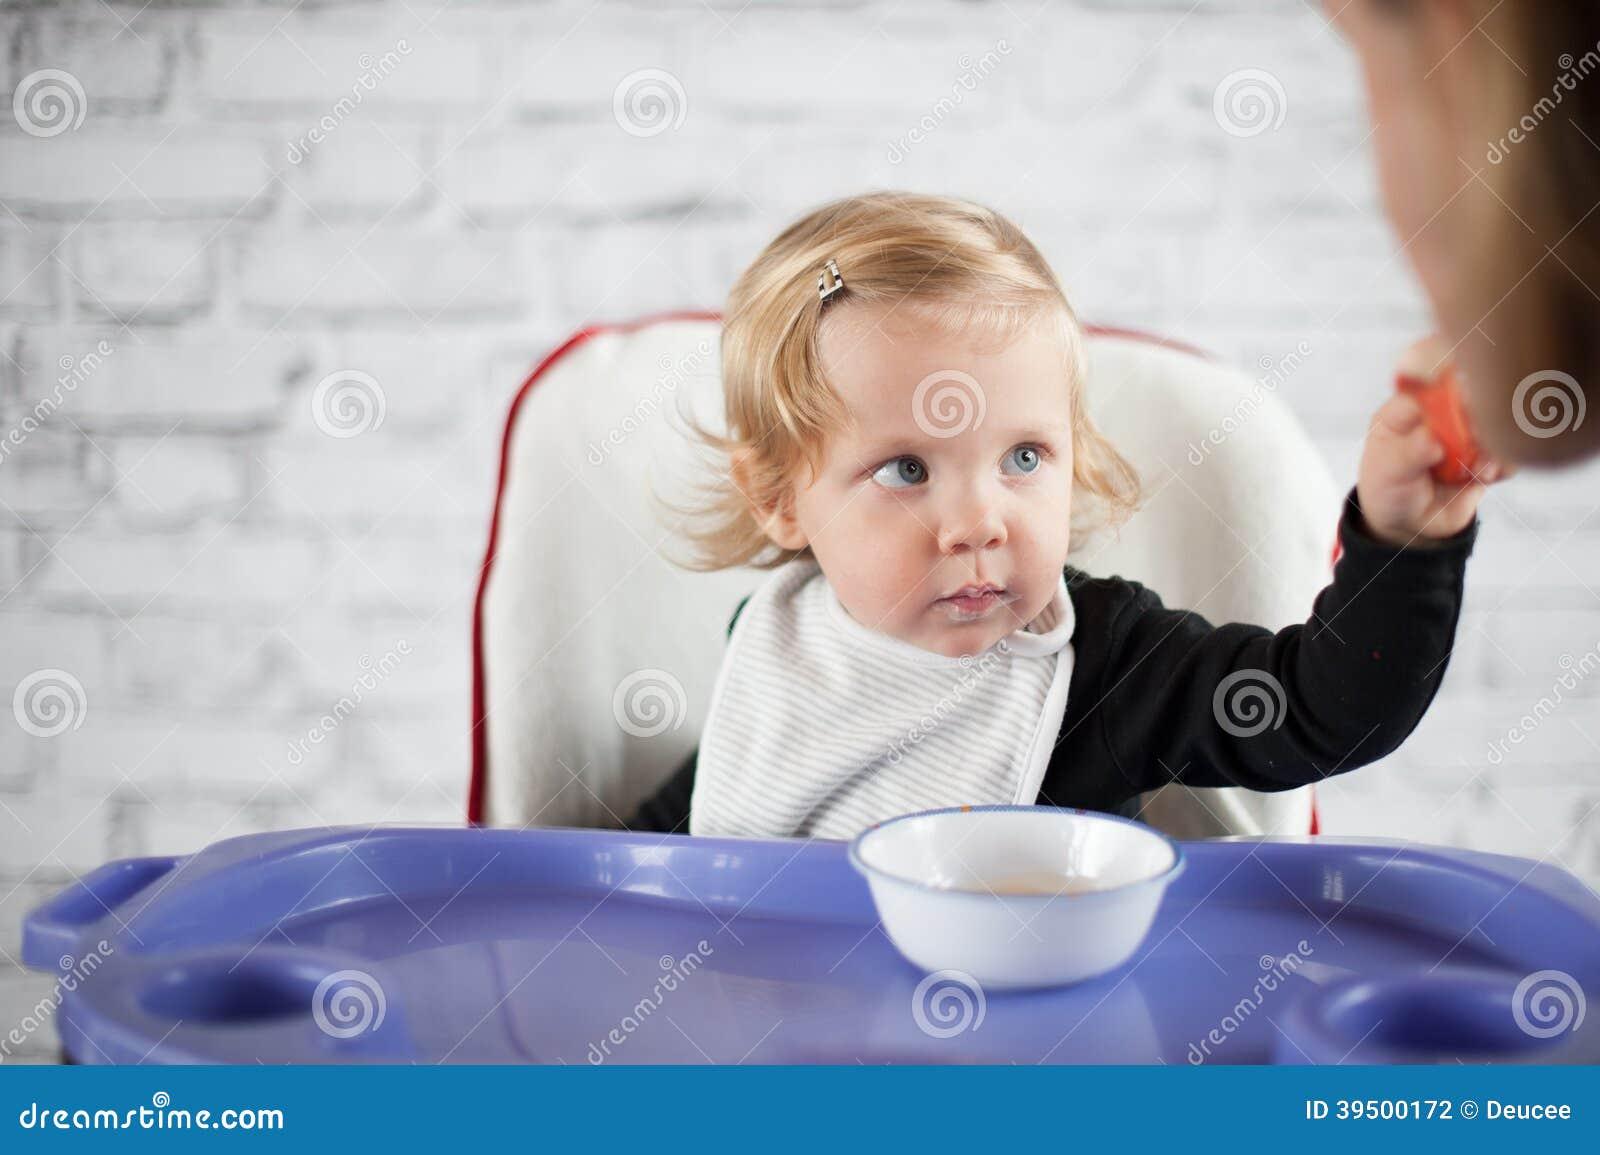 Baby feeding father